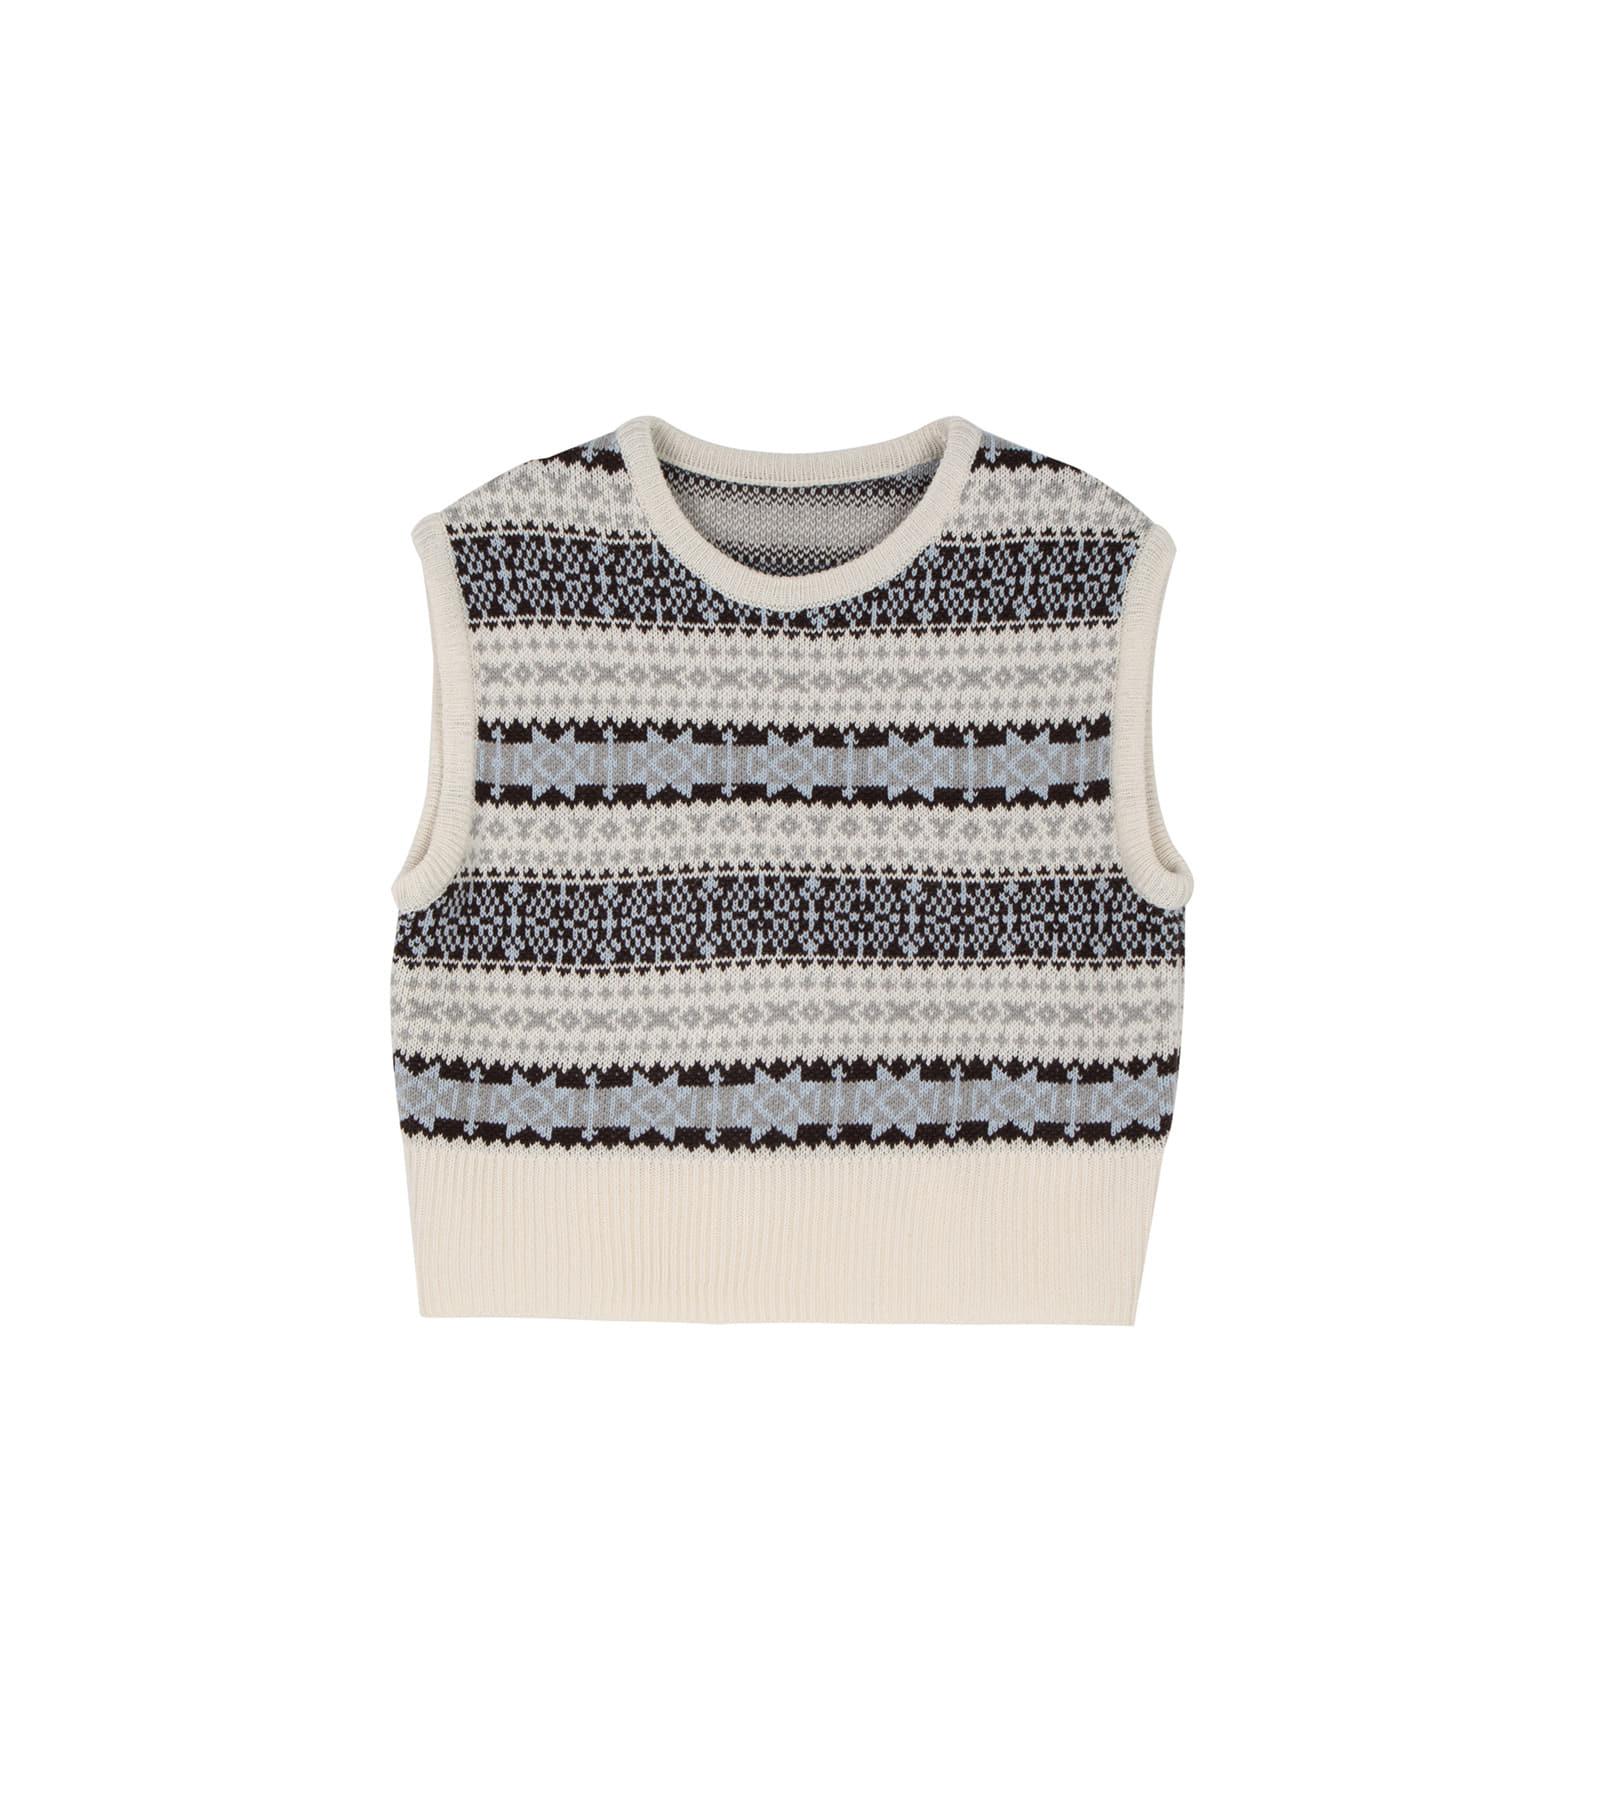 Jacquard knit vest